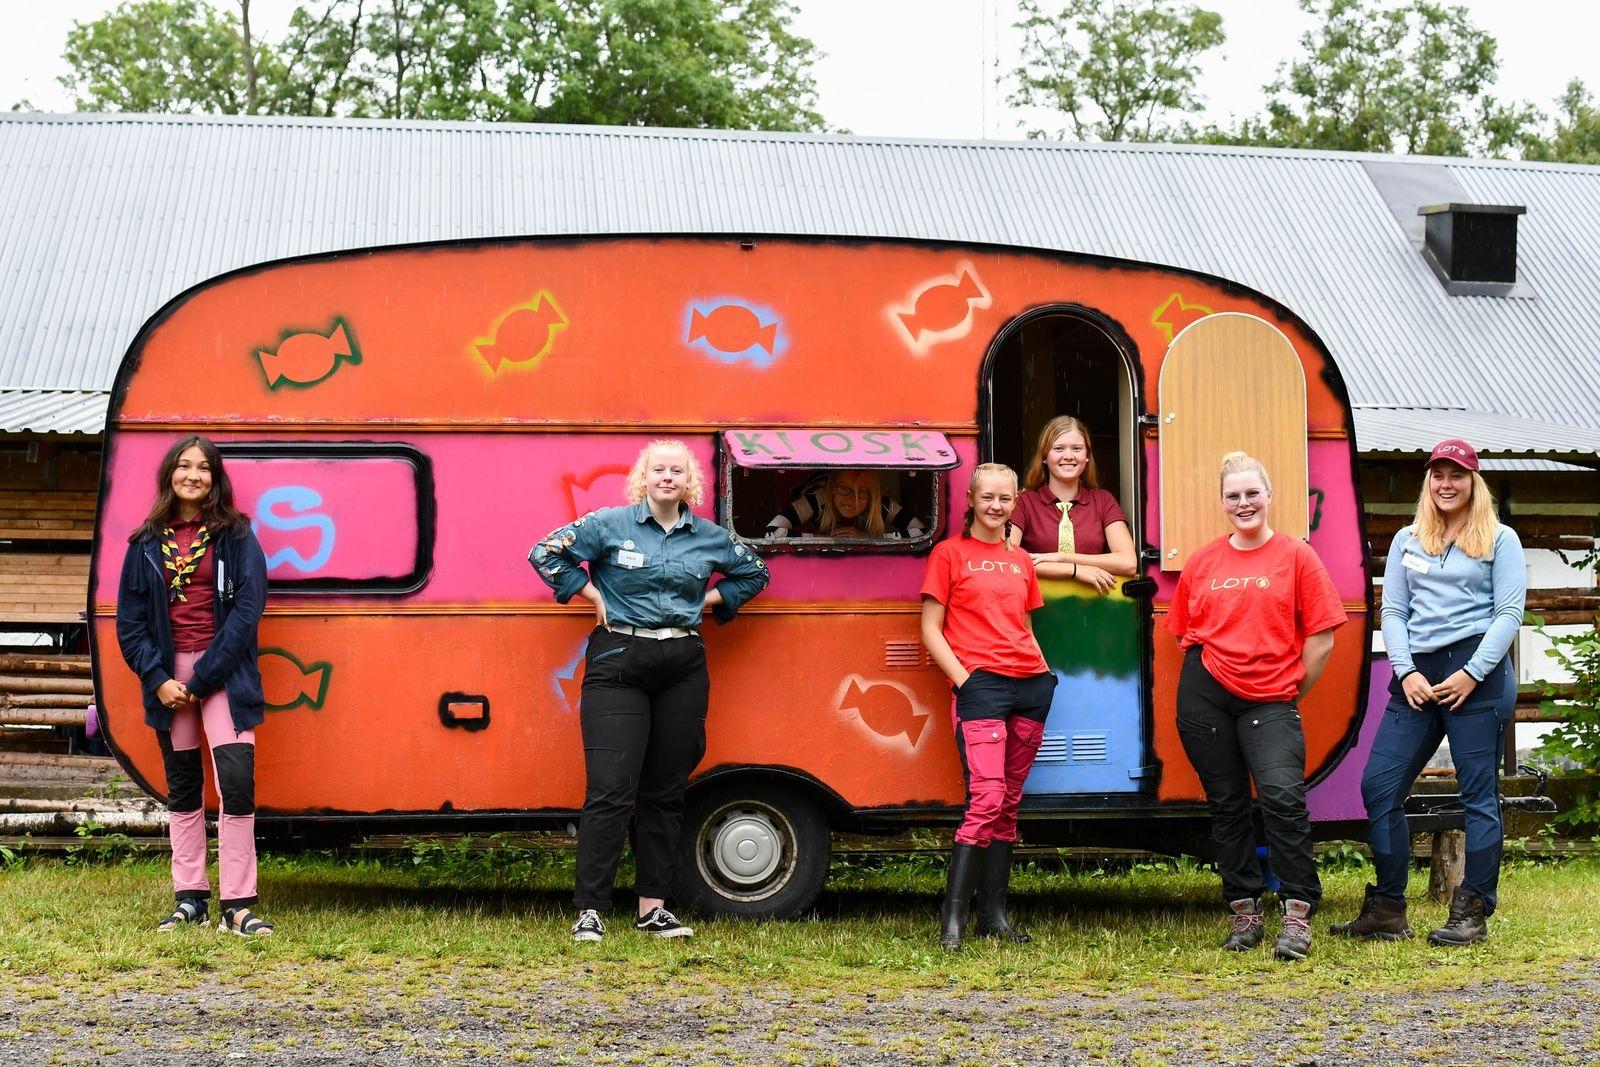 Linnea Hagnell, Nicolina Englund, Thea Sköld, Sabina Nilbecker, Ellen Amilon, Bea Isaksson och Isolde Rosazza har ordnat en ambulerande kiosk med hemglassmelodi.